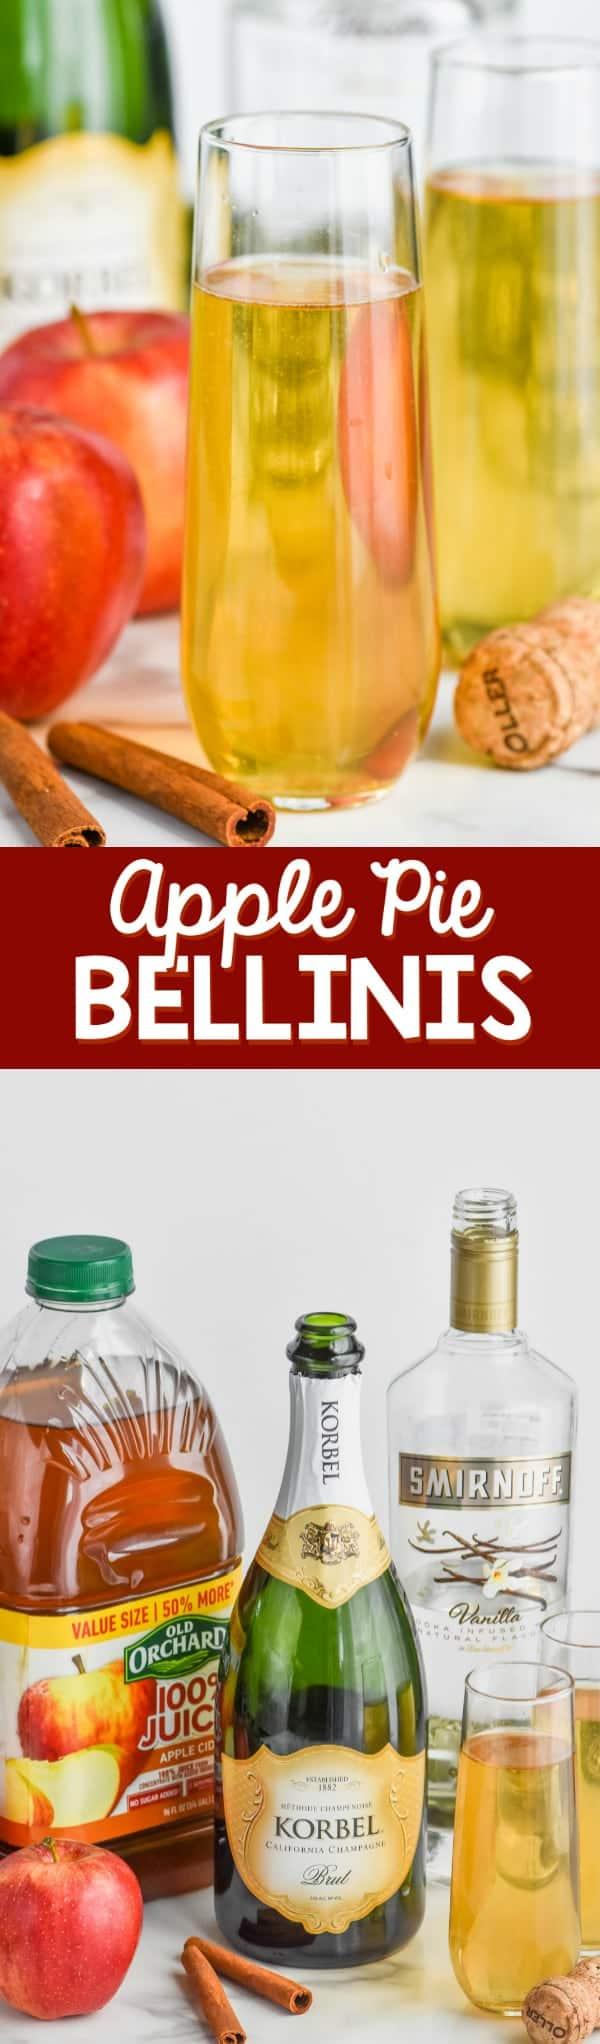 champagne glass of easy bellini recipe, apple pie bellini